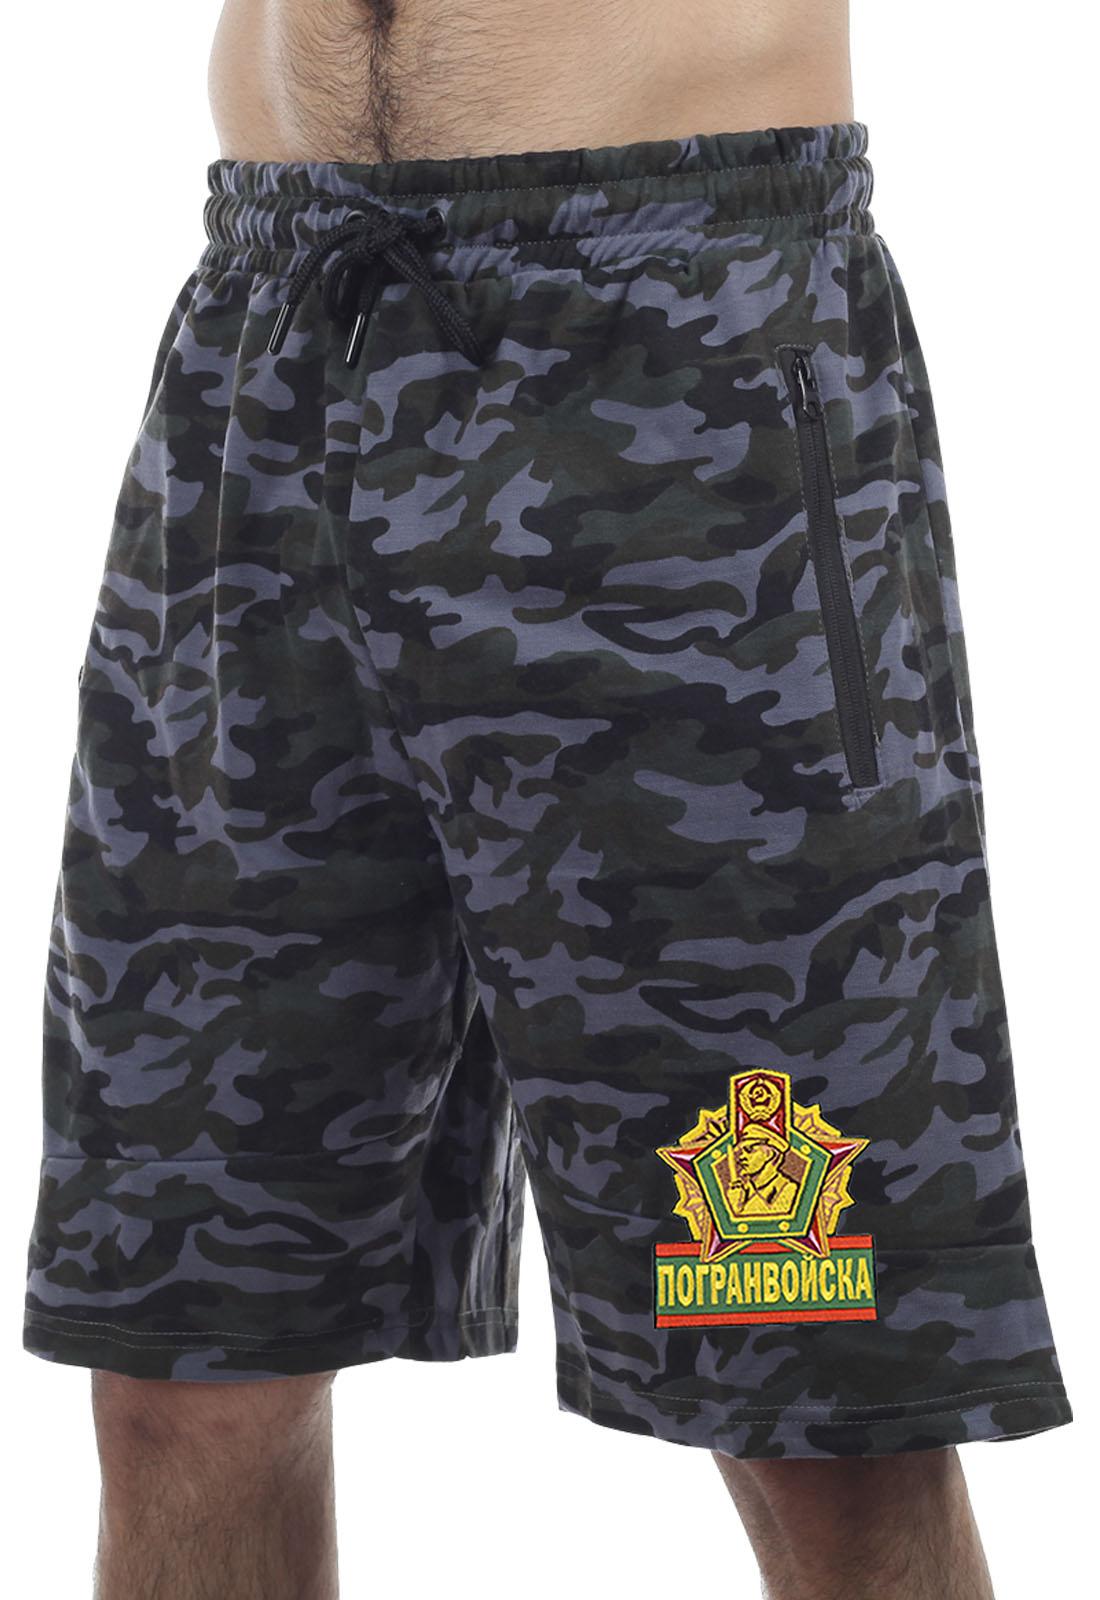 Купить темные армейские шорты с карманами и нашивкой Погранвойска оптом выгодно